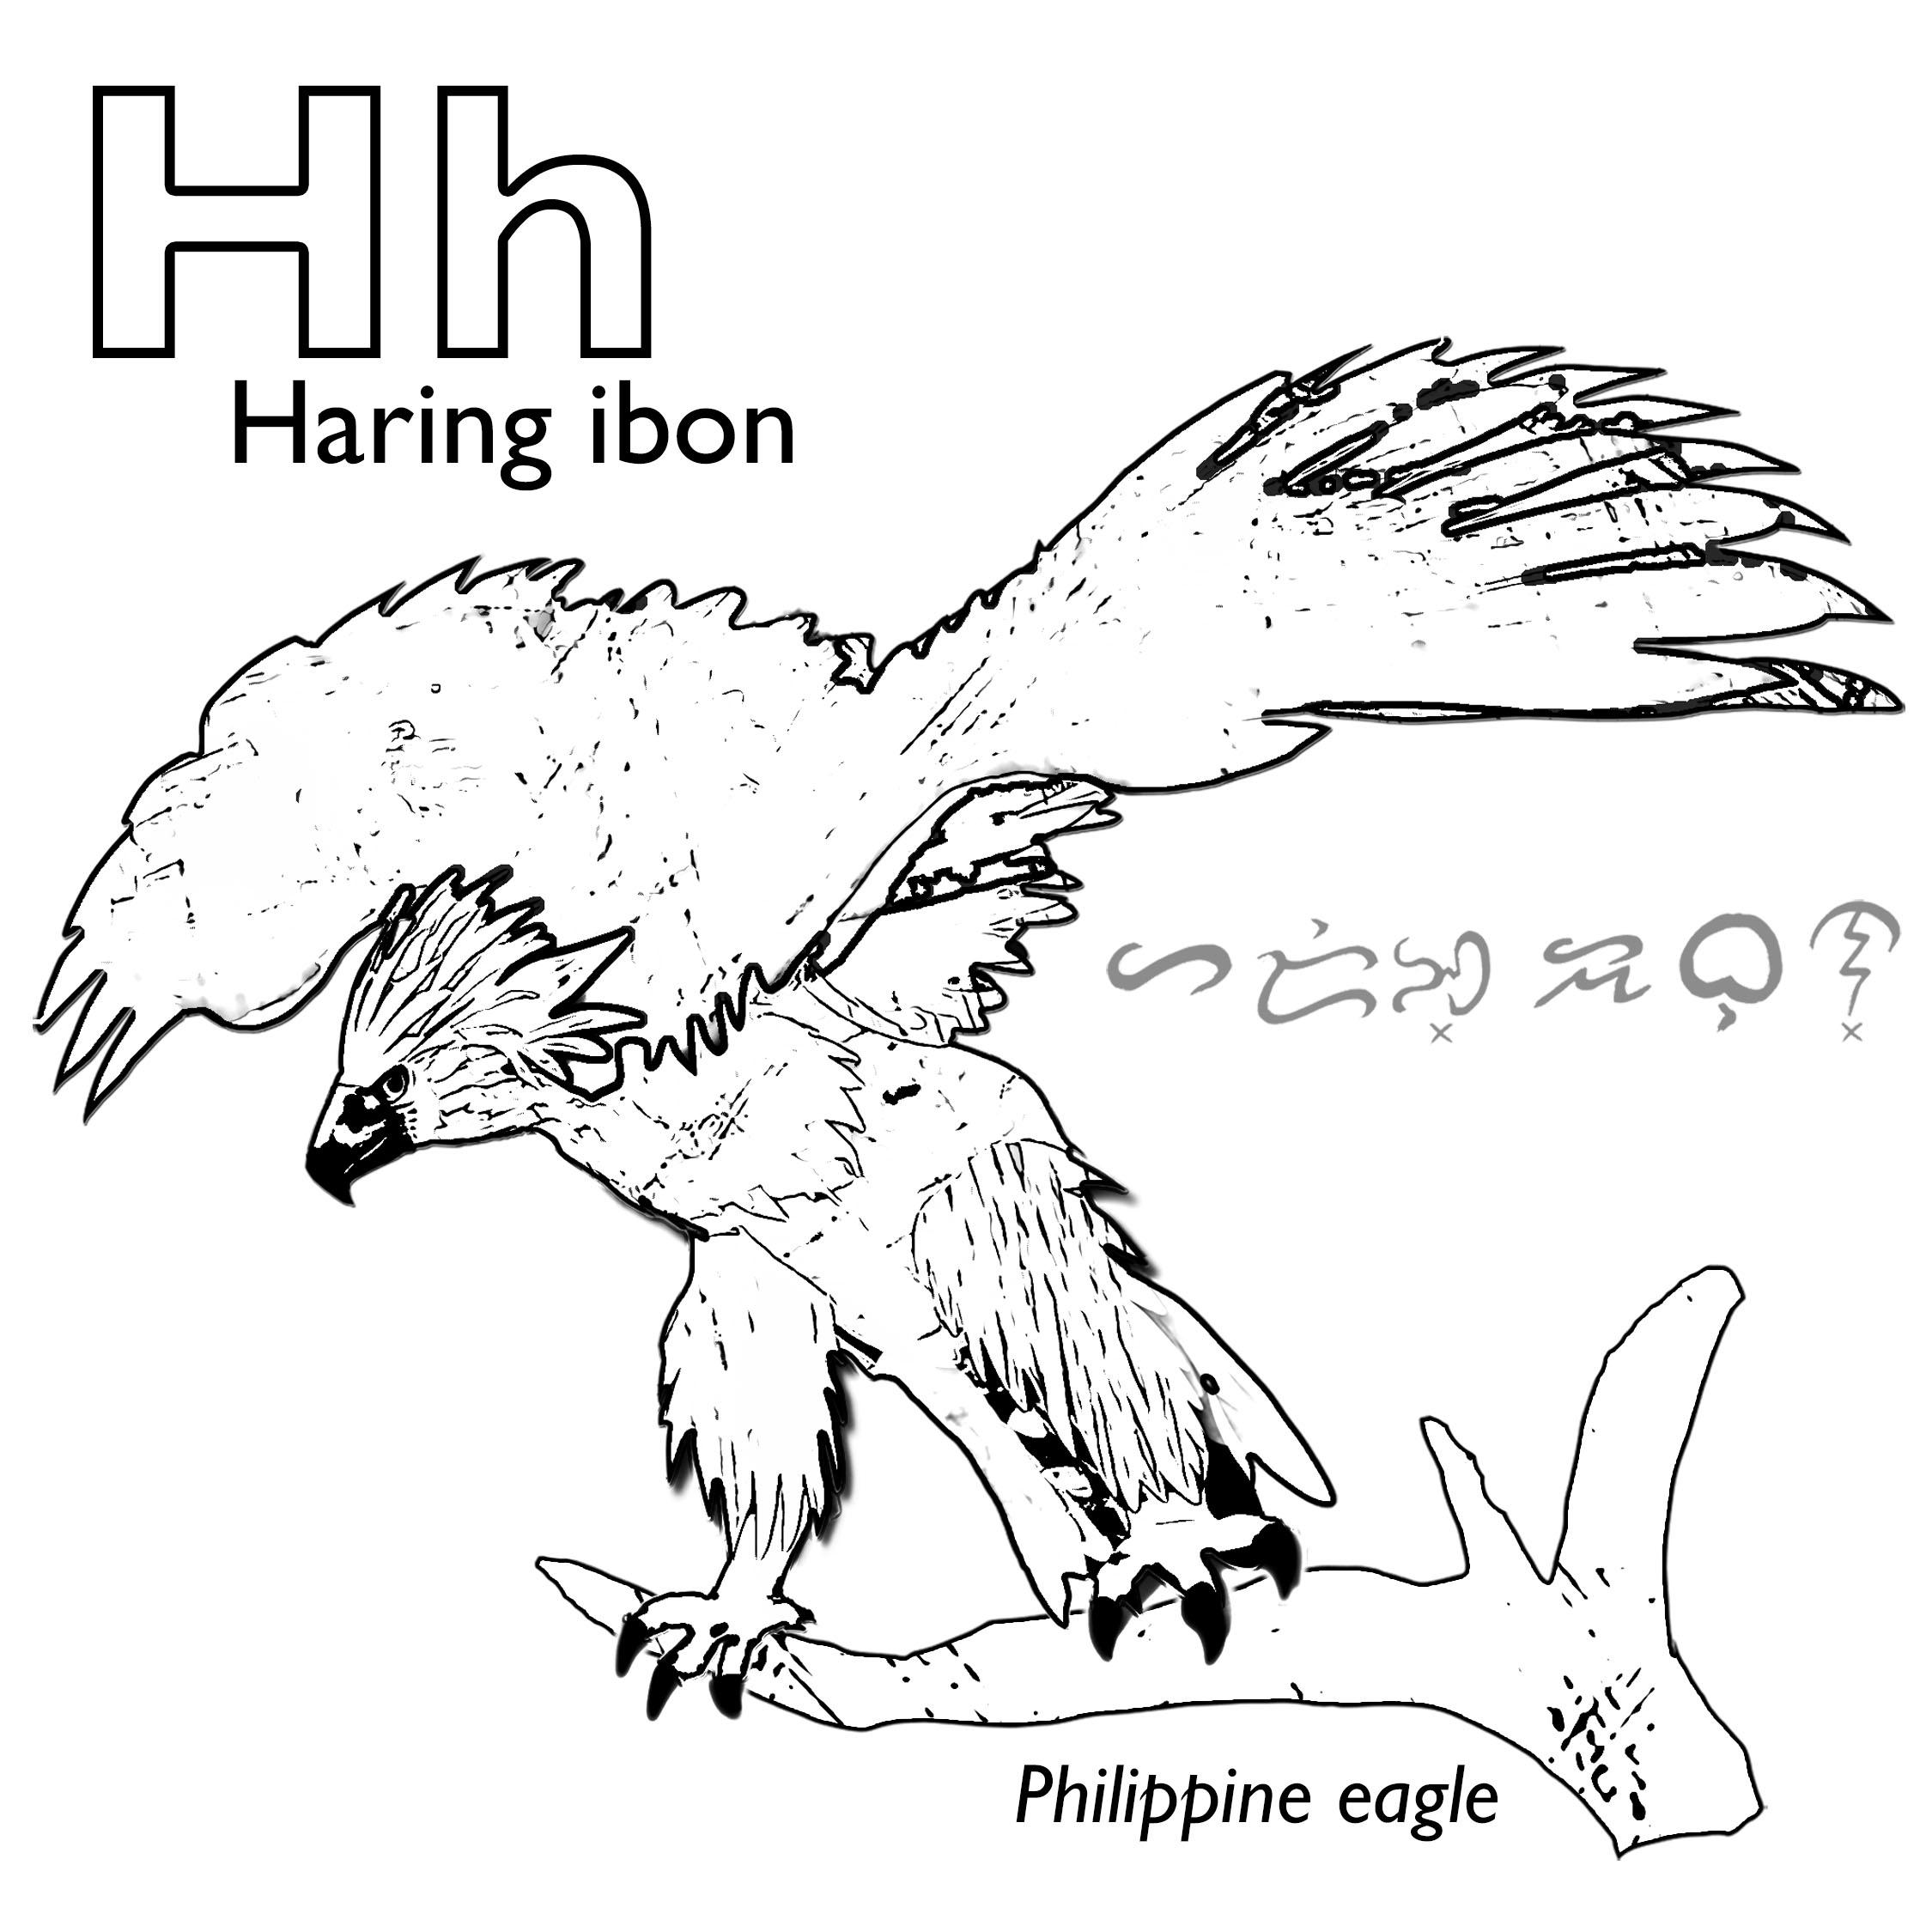 Haring Ibon